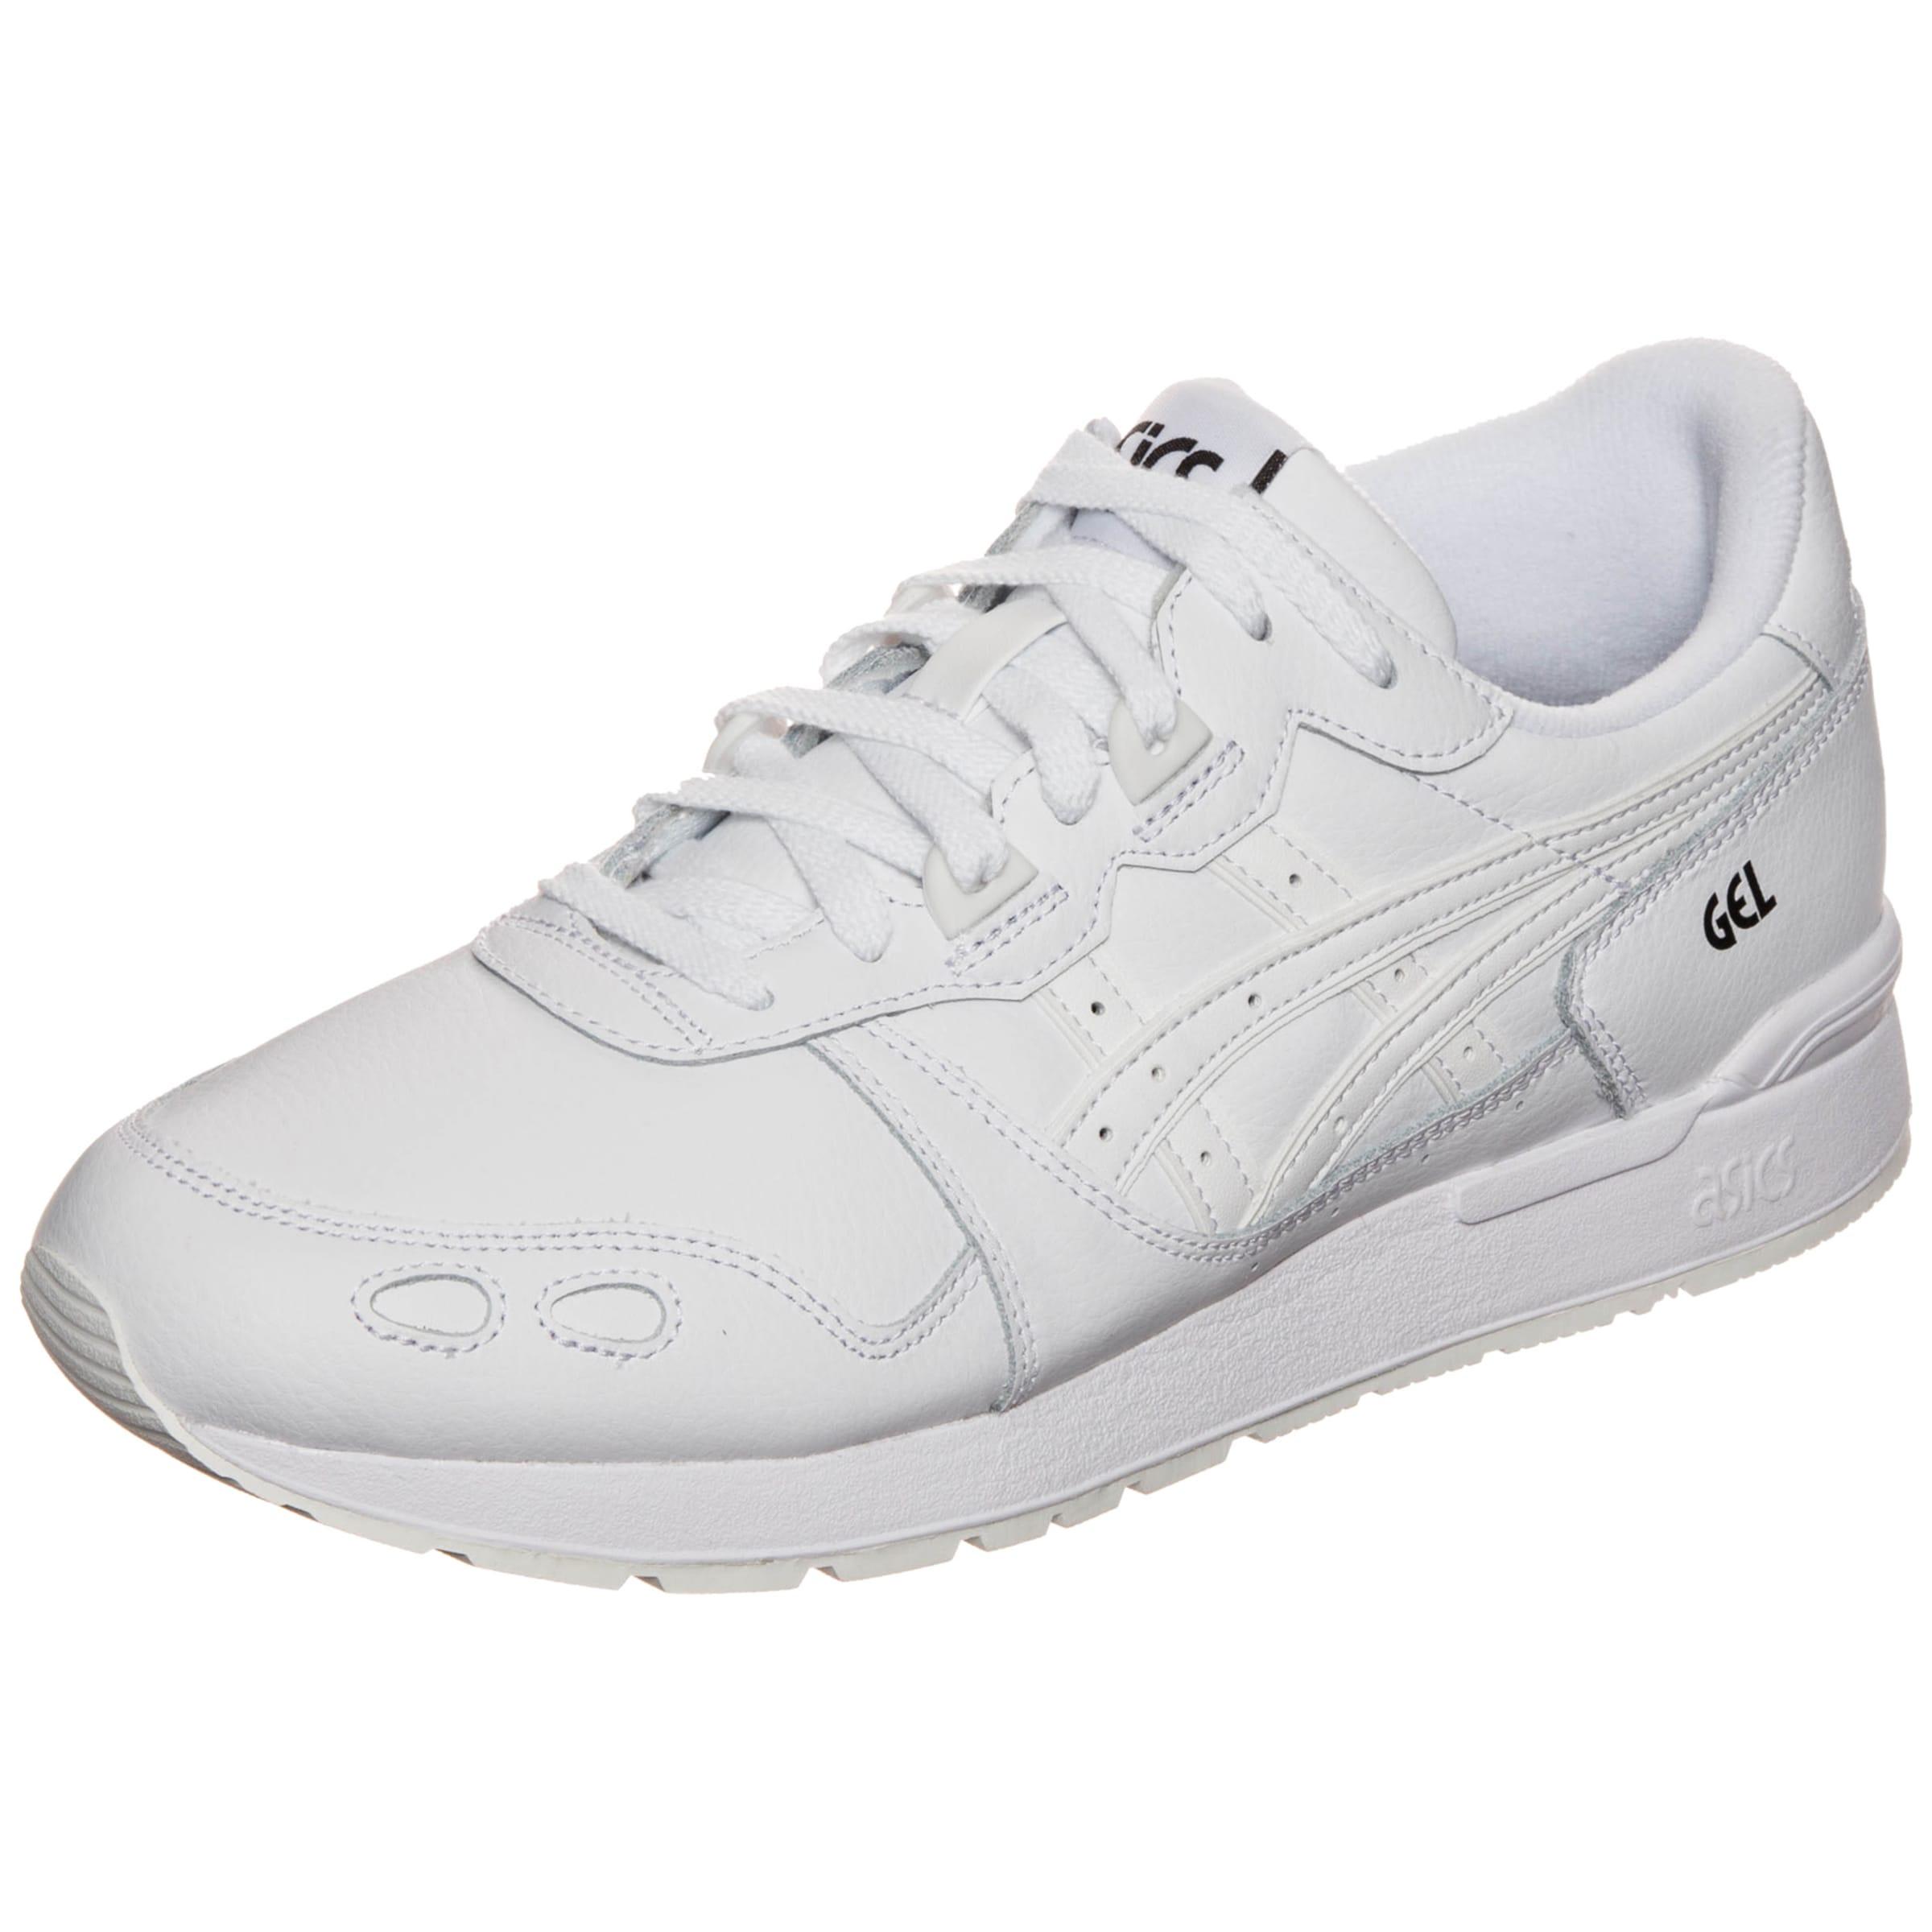 Asics Tiger Sneaker 'Gel-Lyte' Günstig Kaufen Vorbestellung Billig Zuverlässig Billig 100% Garantiert Steckdose Vorbestellung VtxxtYeYC